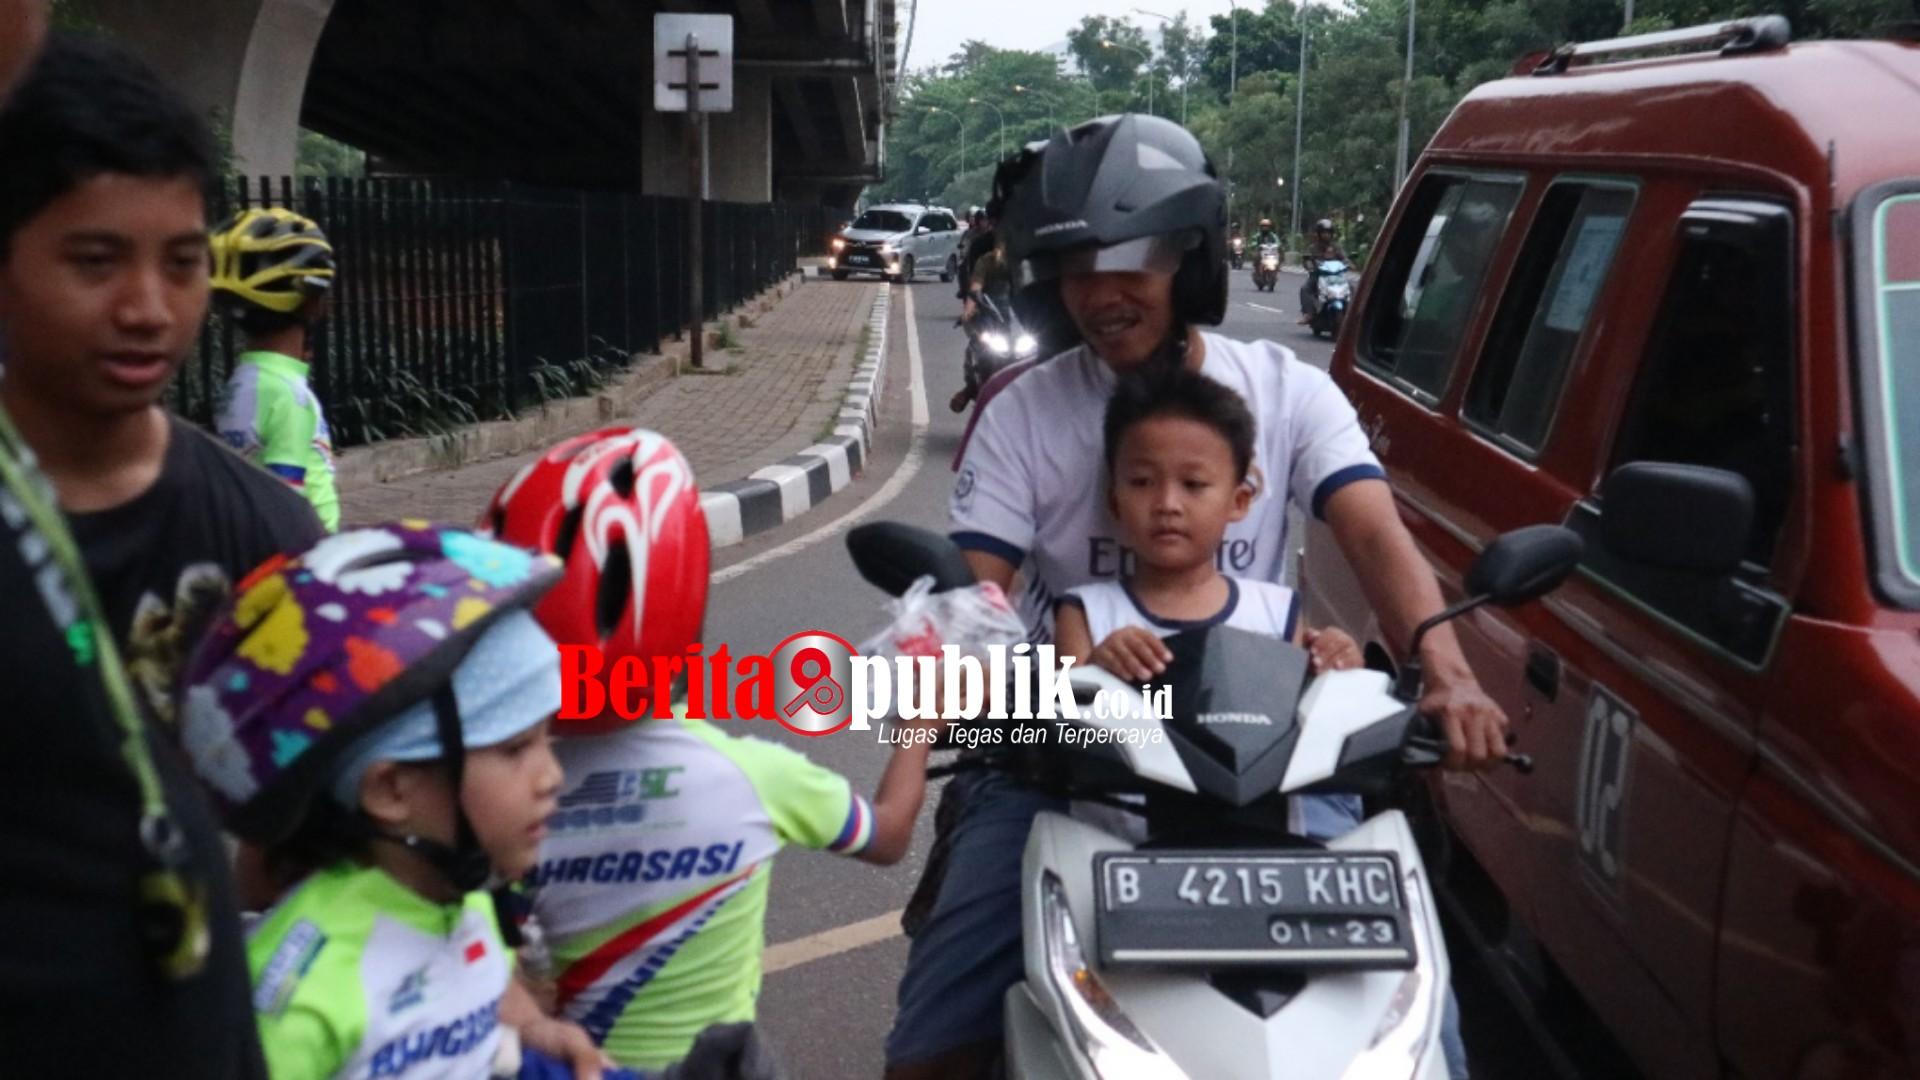 Bhagasasi Speed Club (BSC) Turun ke Jalan Berbagi Takjil